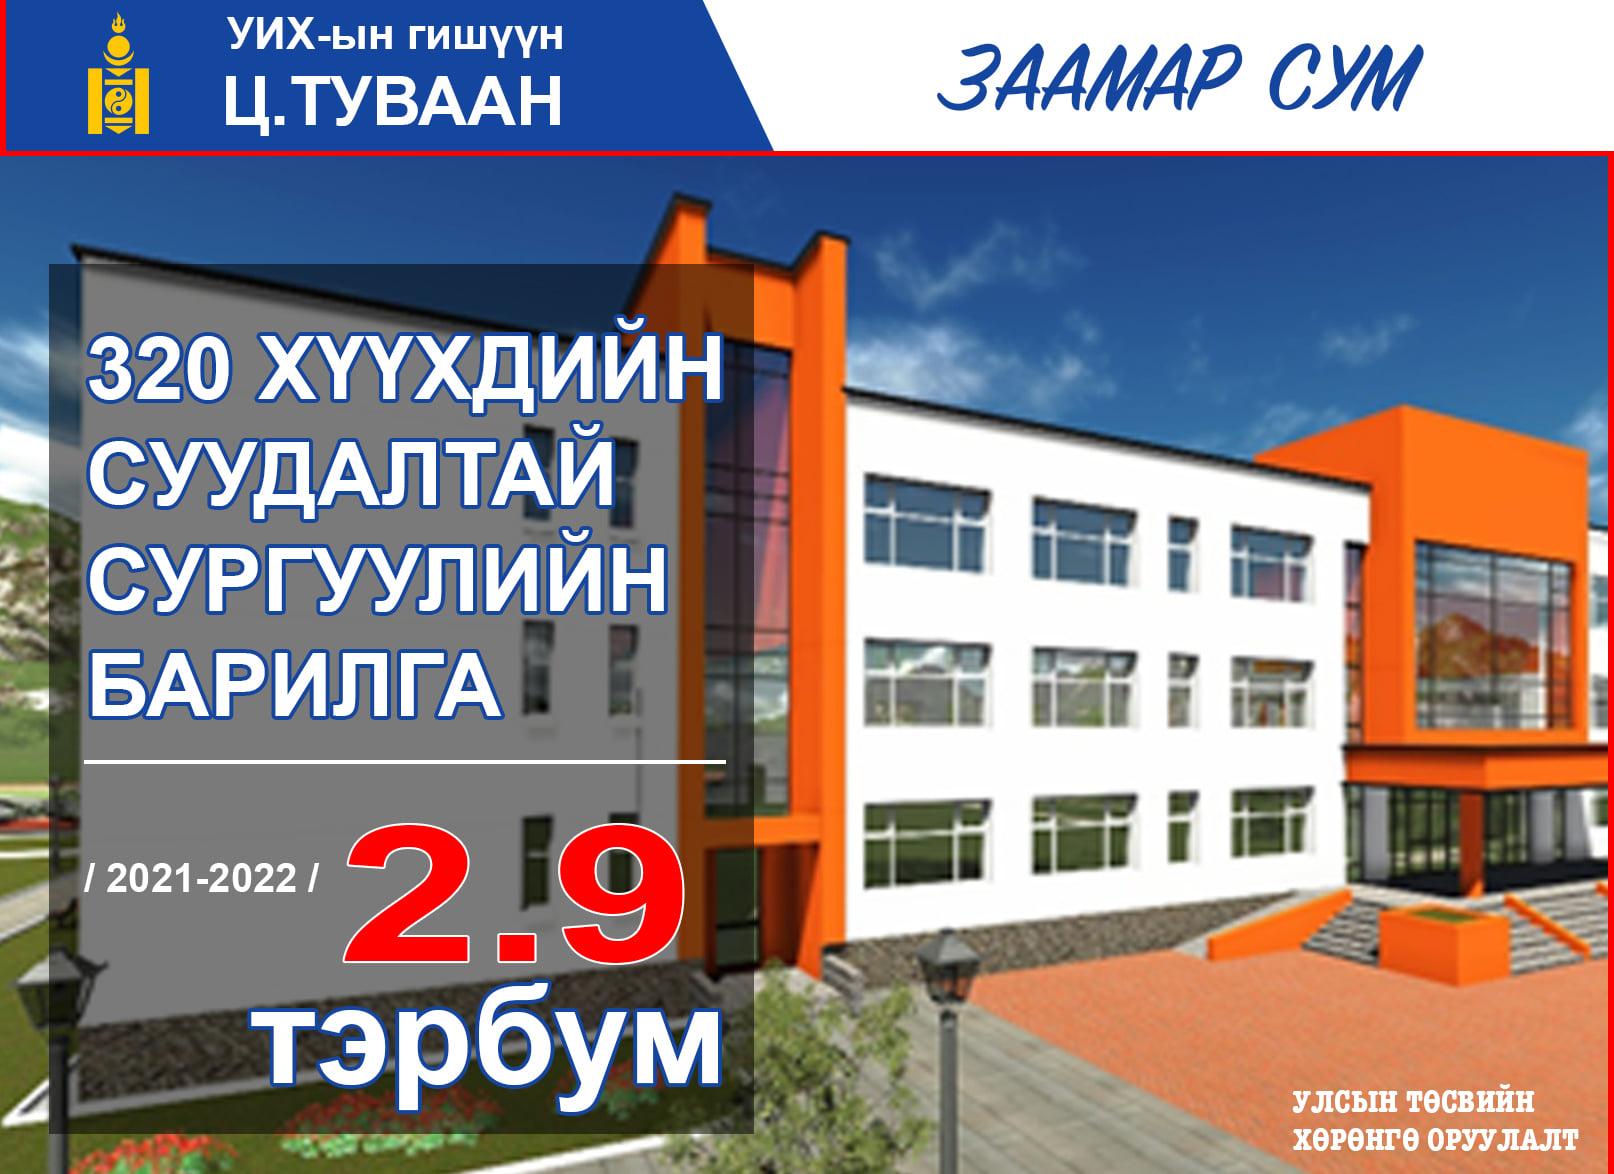 Заамар сумын хайлааст багт 320 хүүхдийн суудалтай сургуулийн барилга баригдана